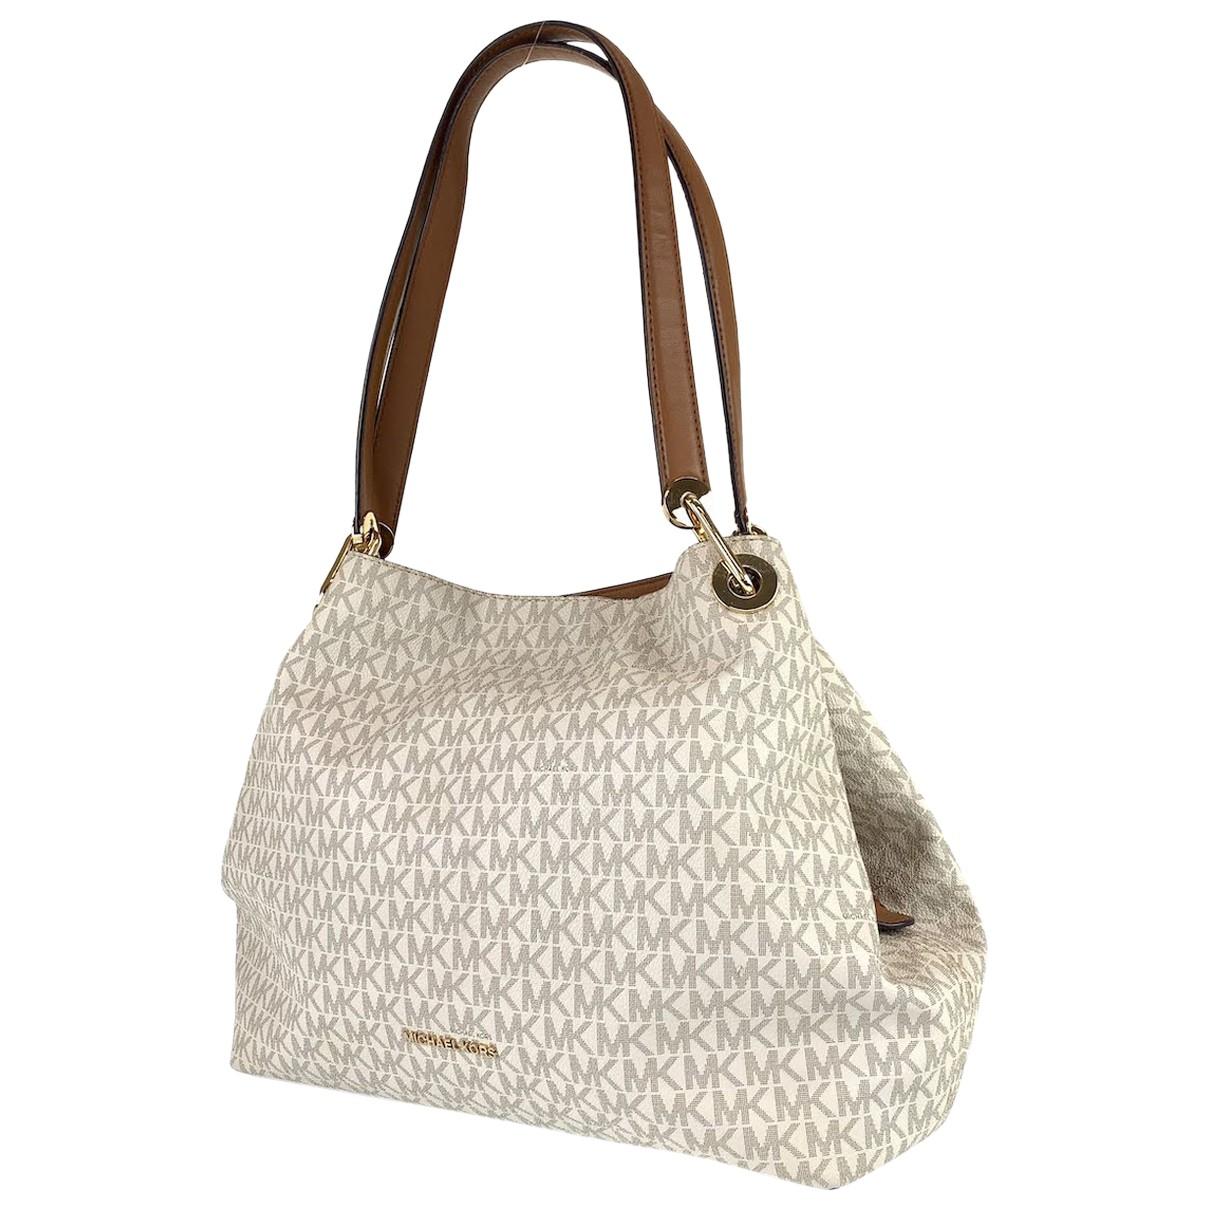 Michael Kors N handbag for Women N